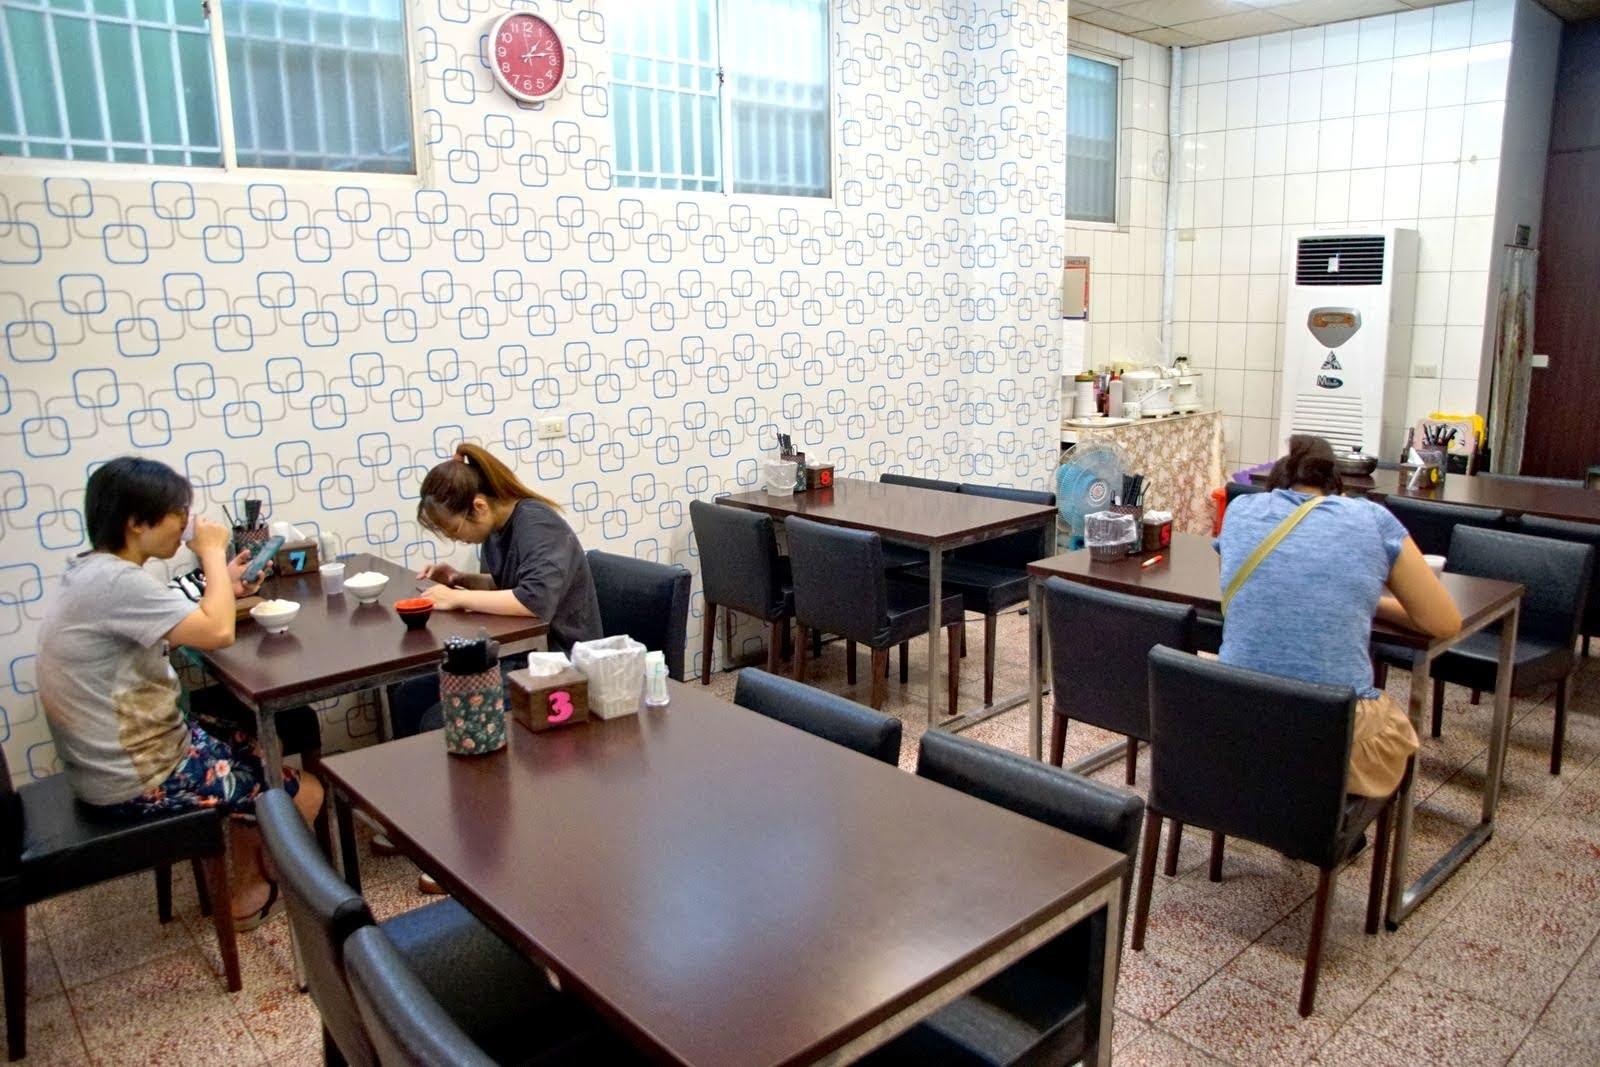 [台南][中西區] 儂may泰國料理|平價泰式套餐、小簡餐|食記